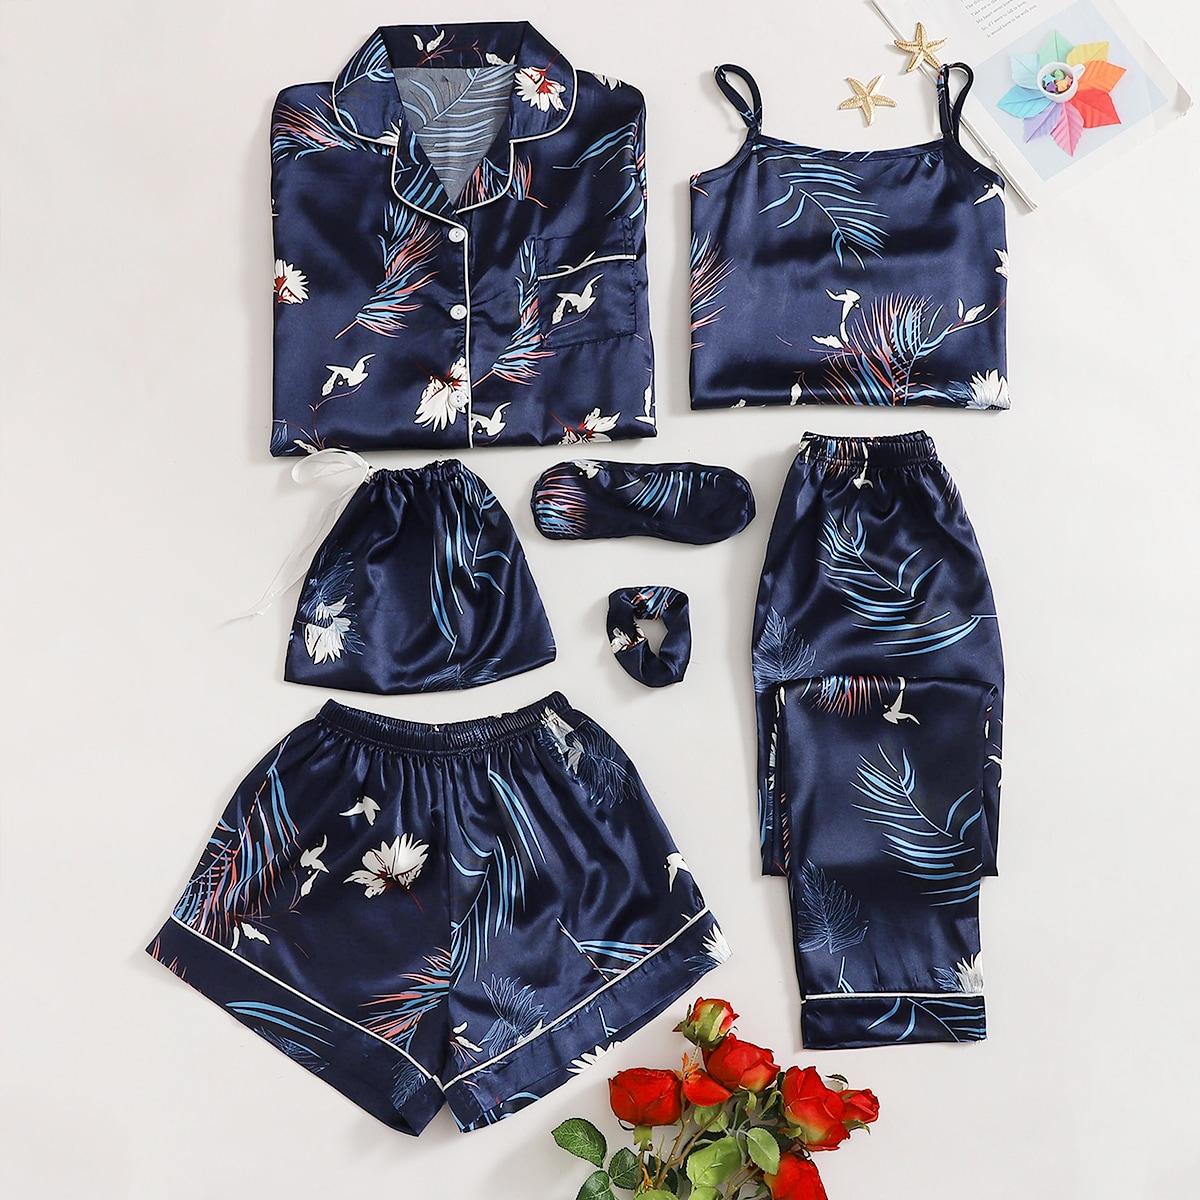 Атласная пижама с тропическим принтом 7шт